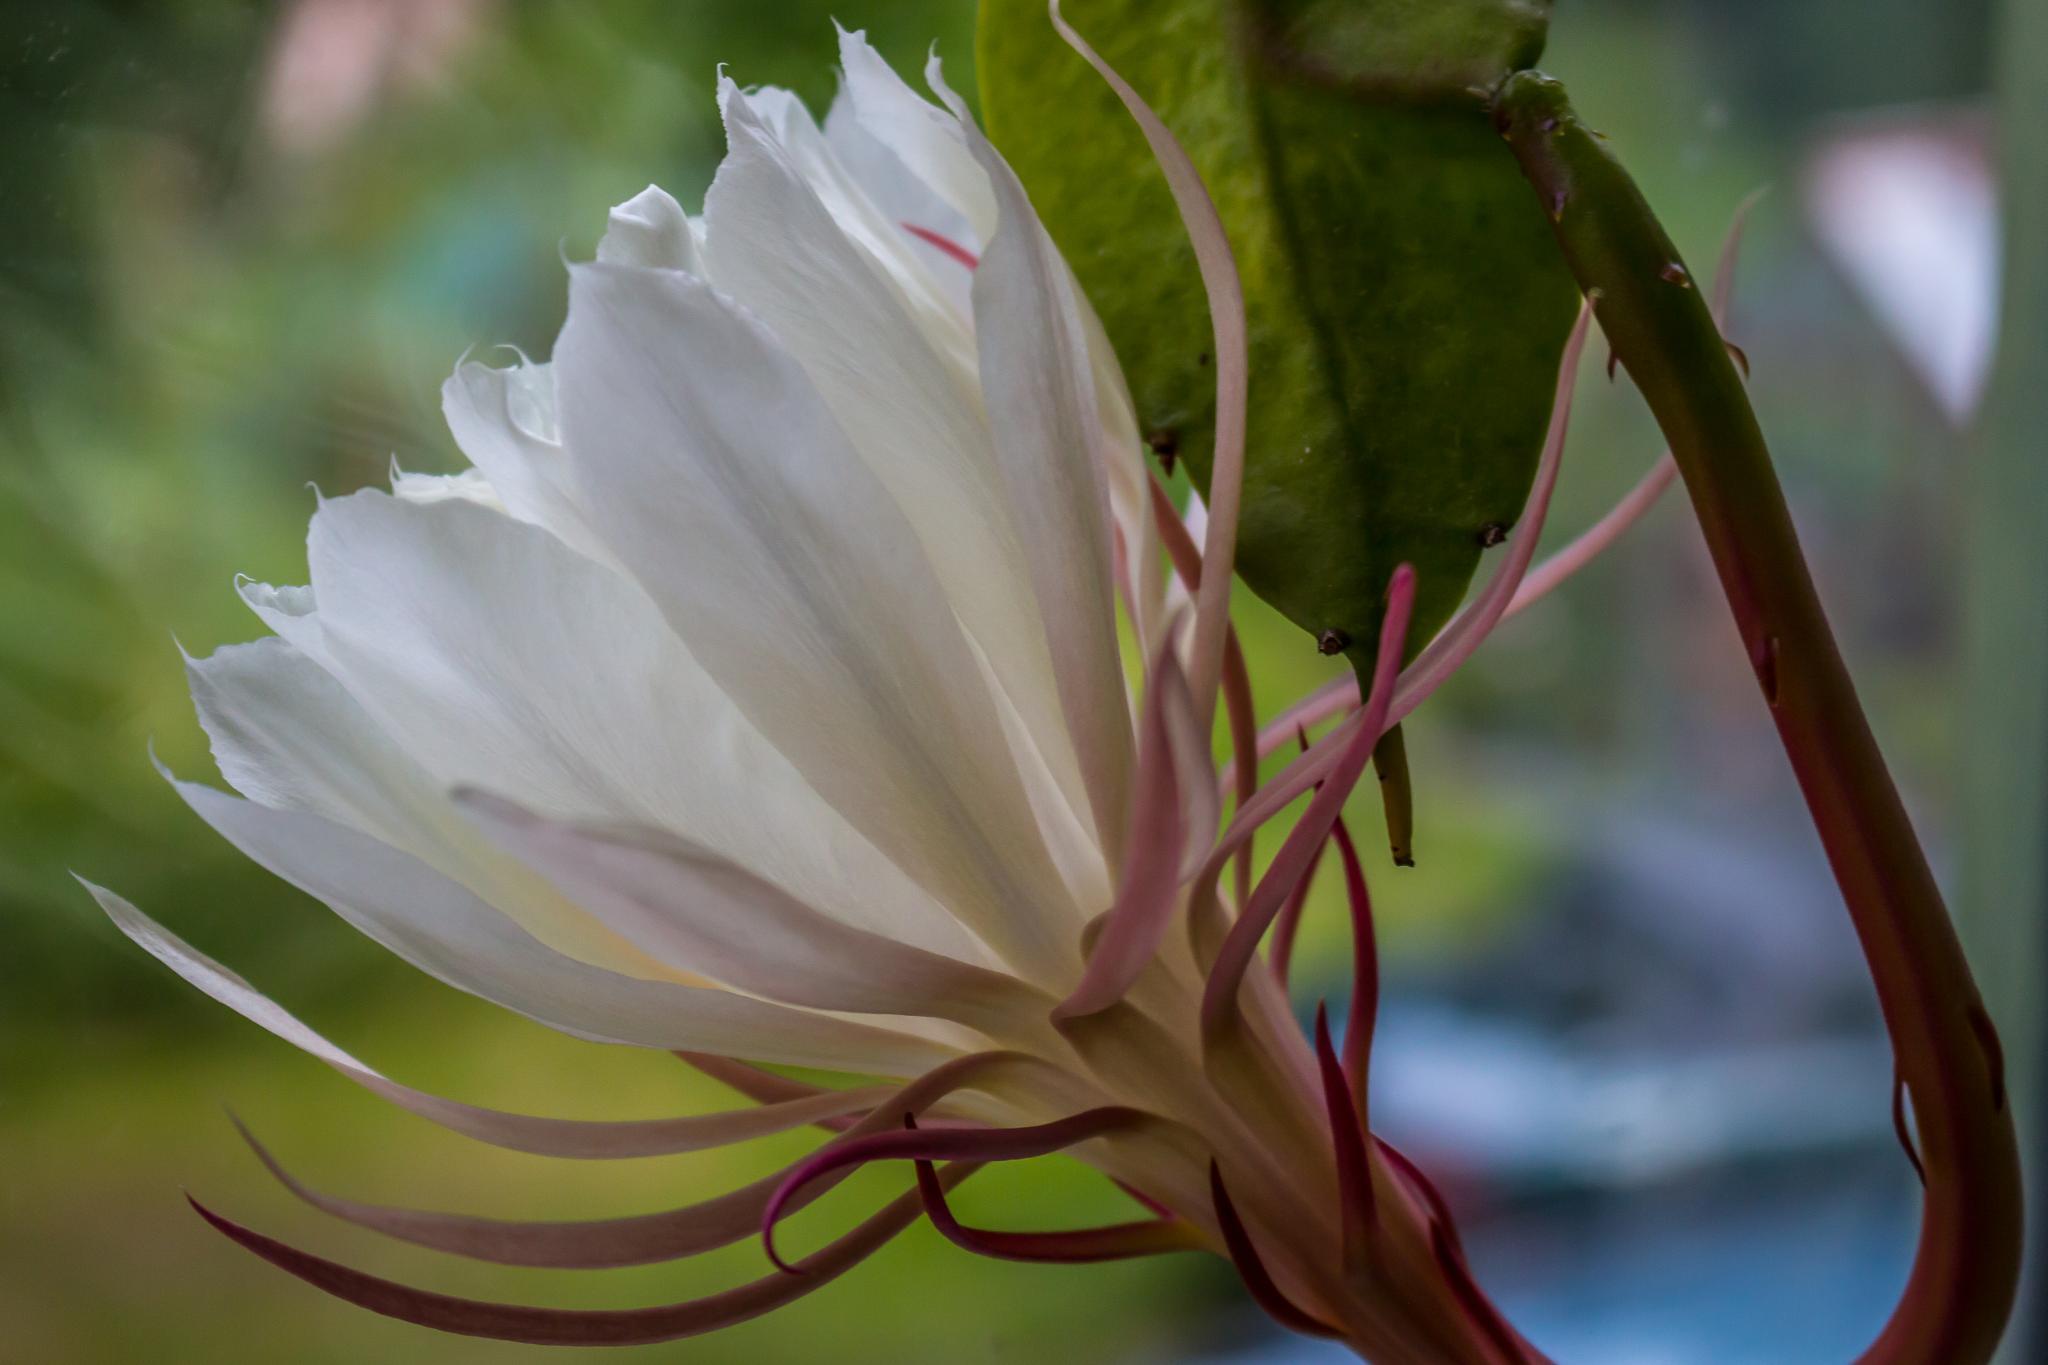 Pond Lily Cactus by carljan w carlsson